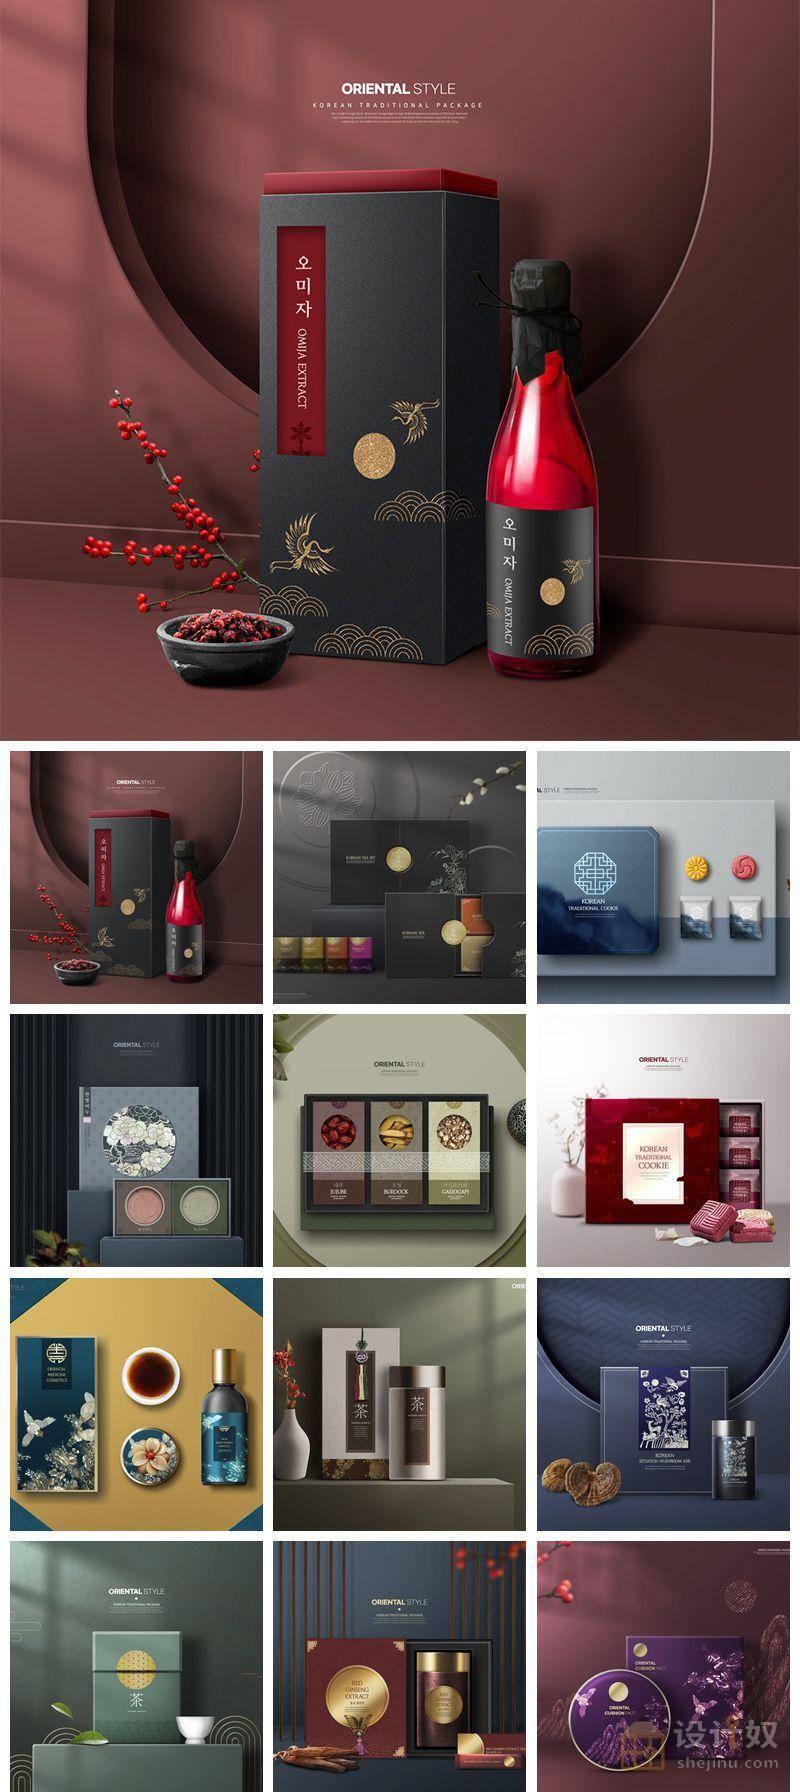 12款中式中国风茶叶白酒包装设计样机海报宣传模板【PSD】